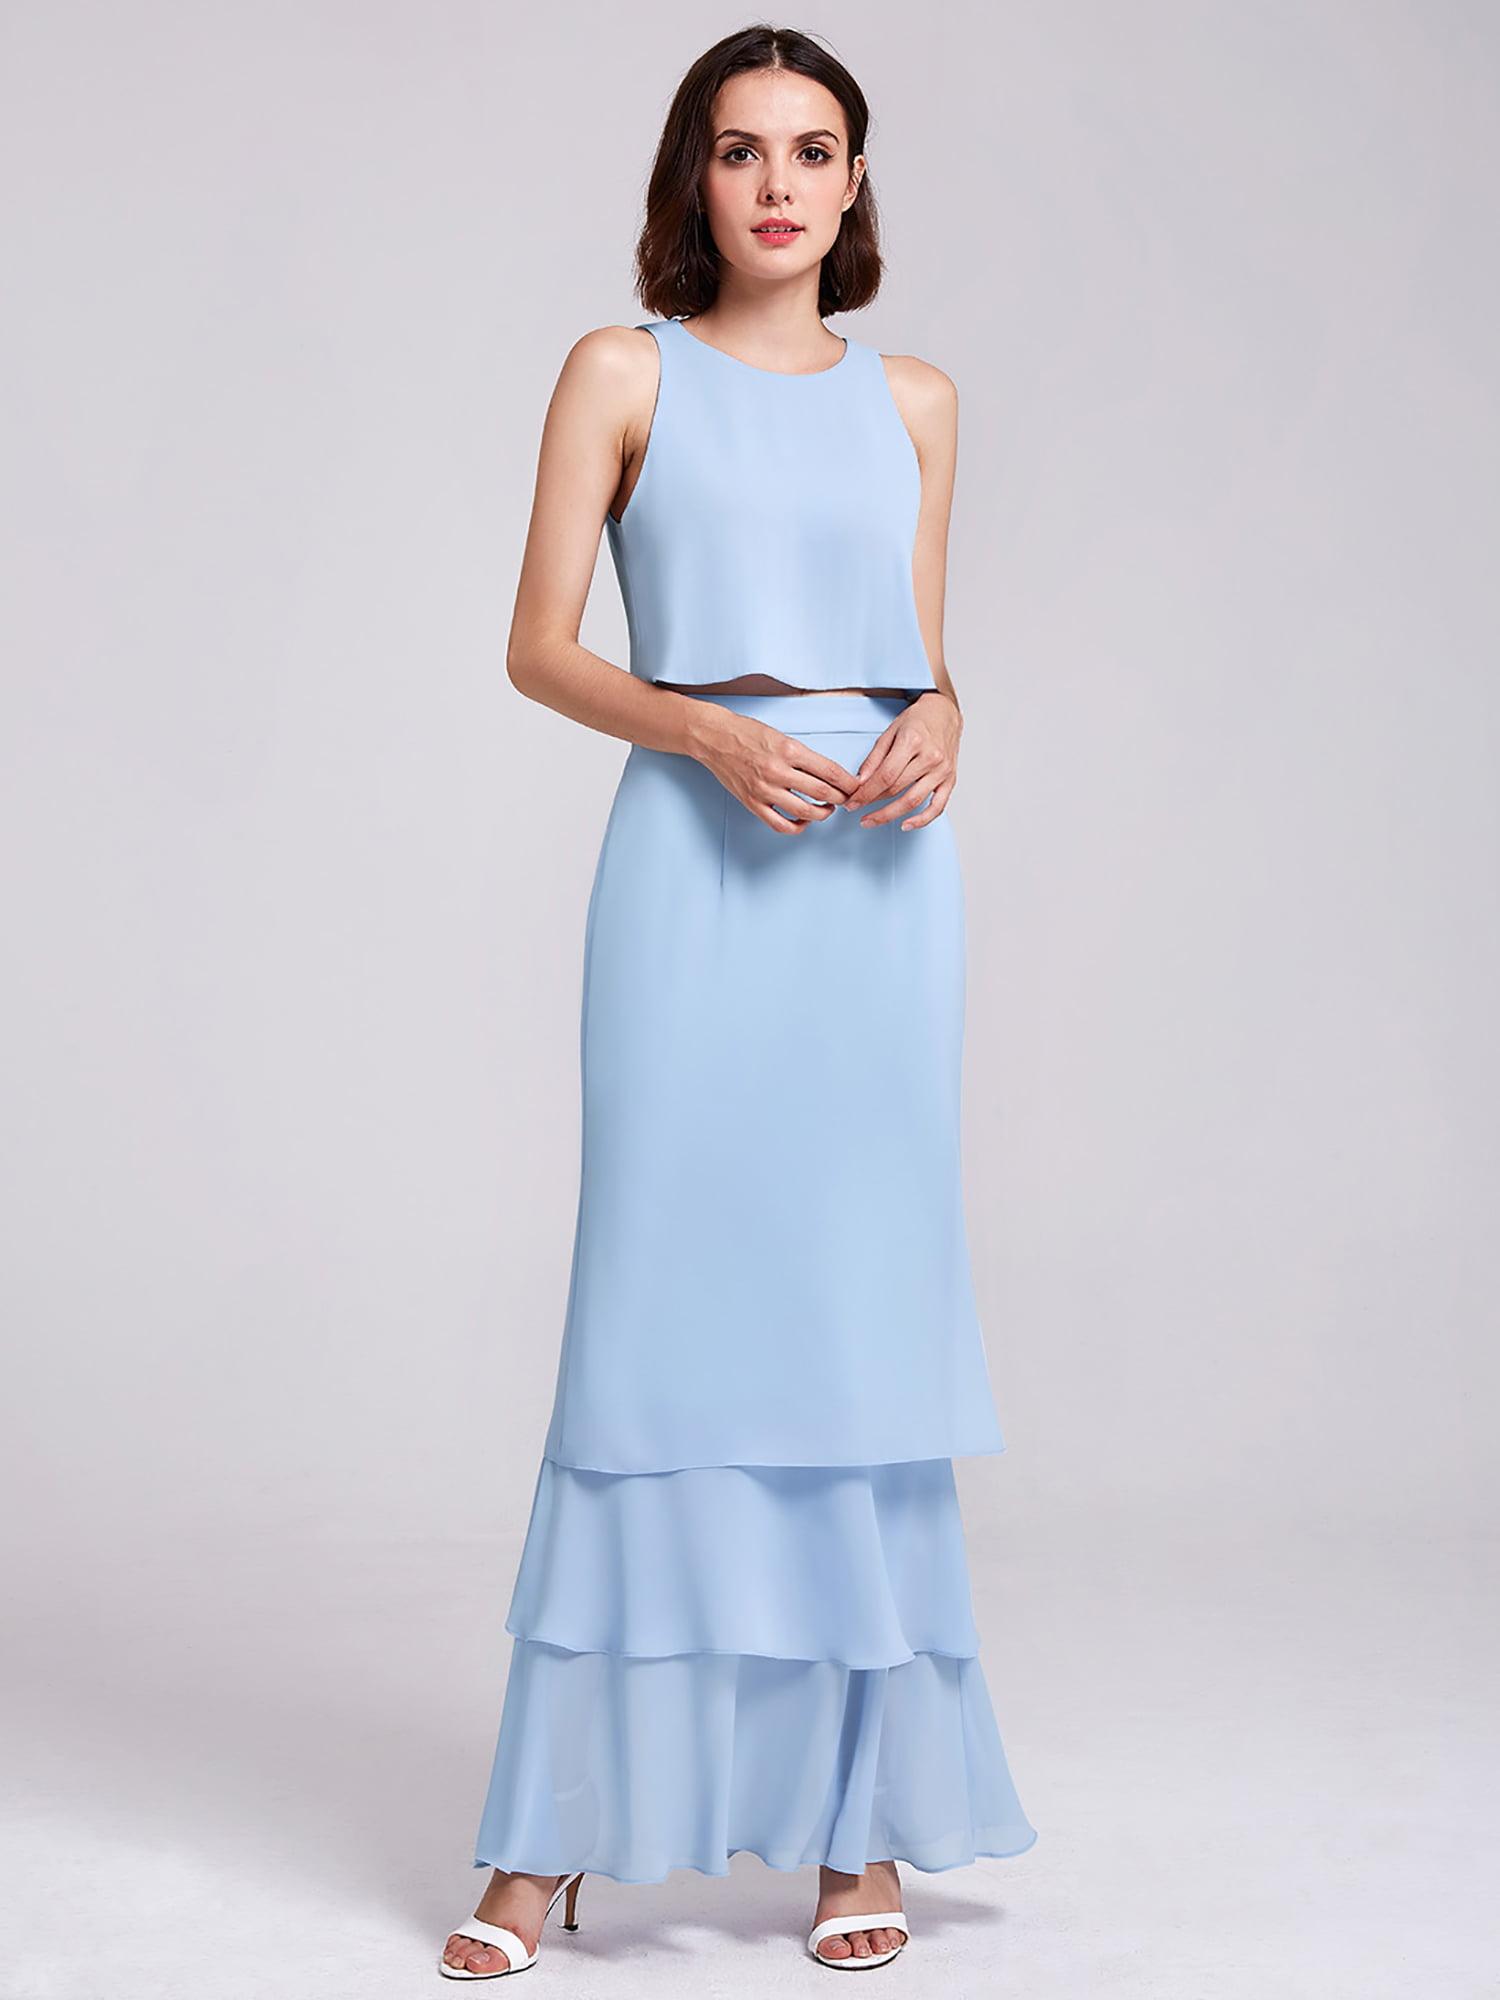 Flowy Dress For Beach Wedding Guest Raveitsafe